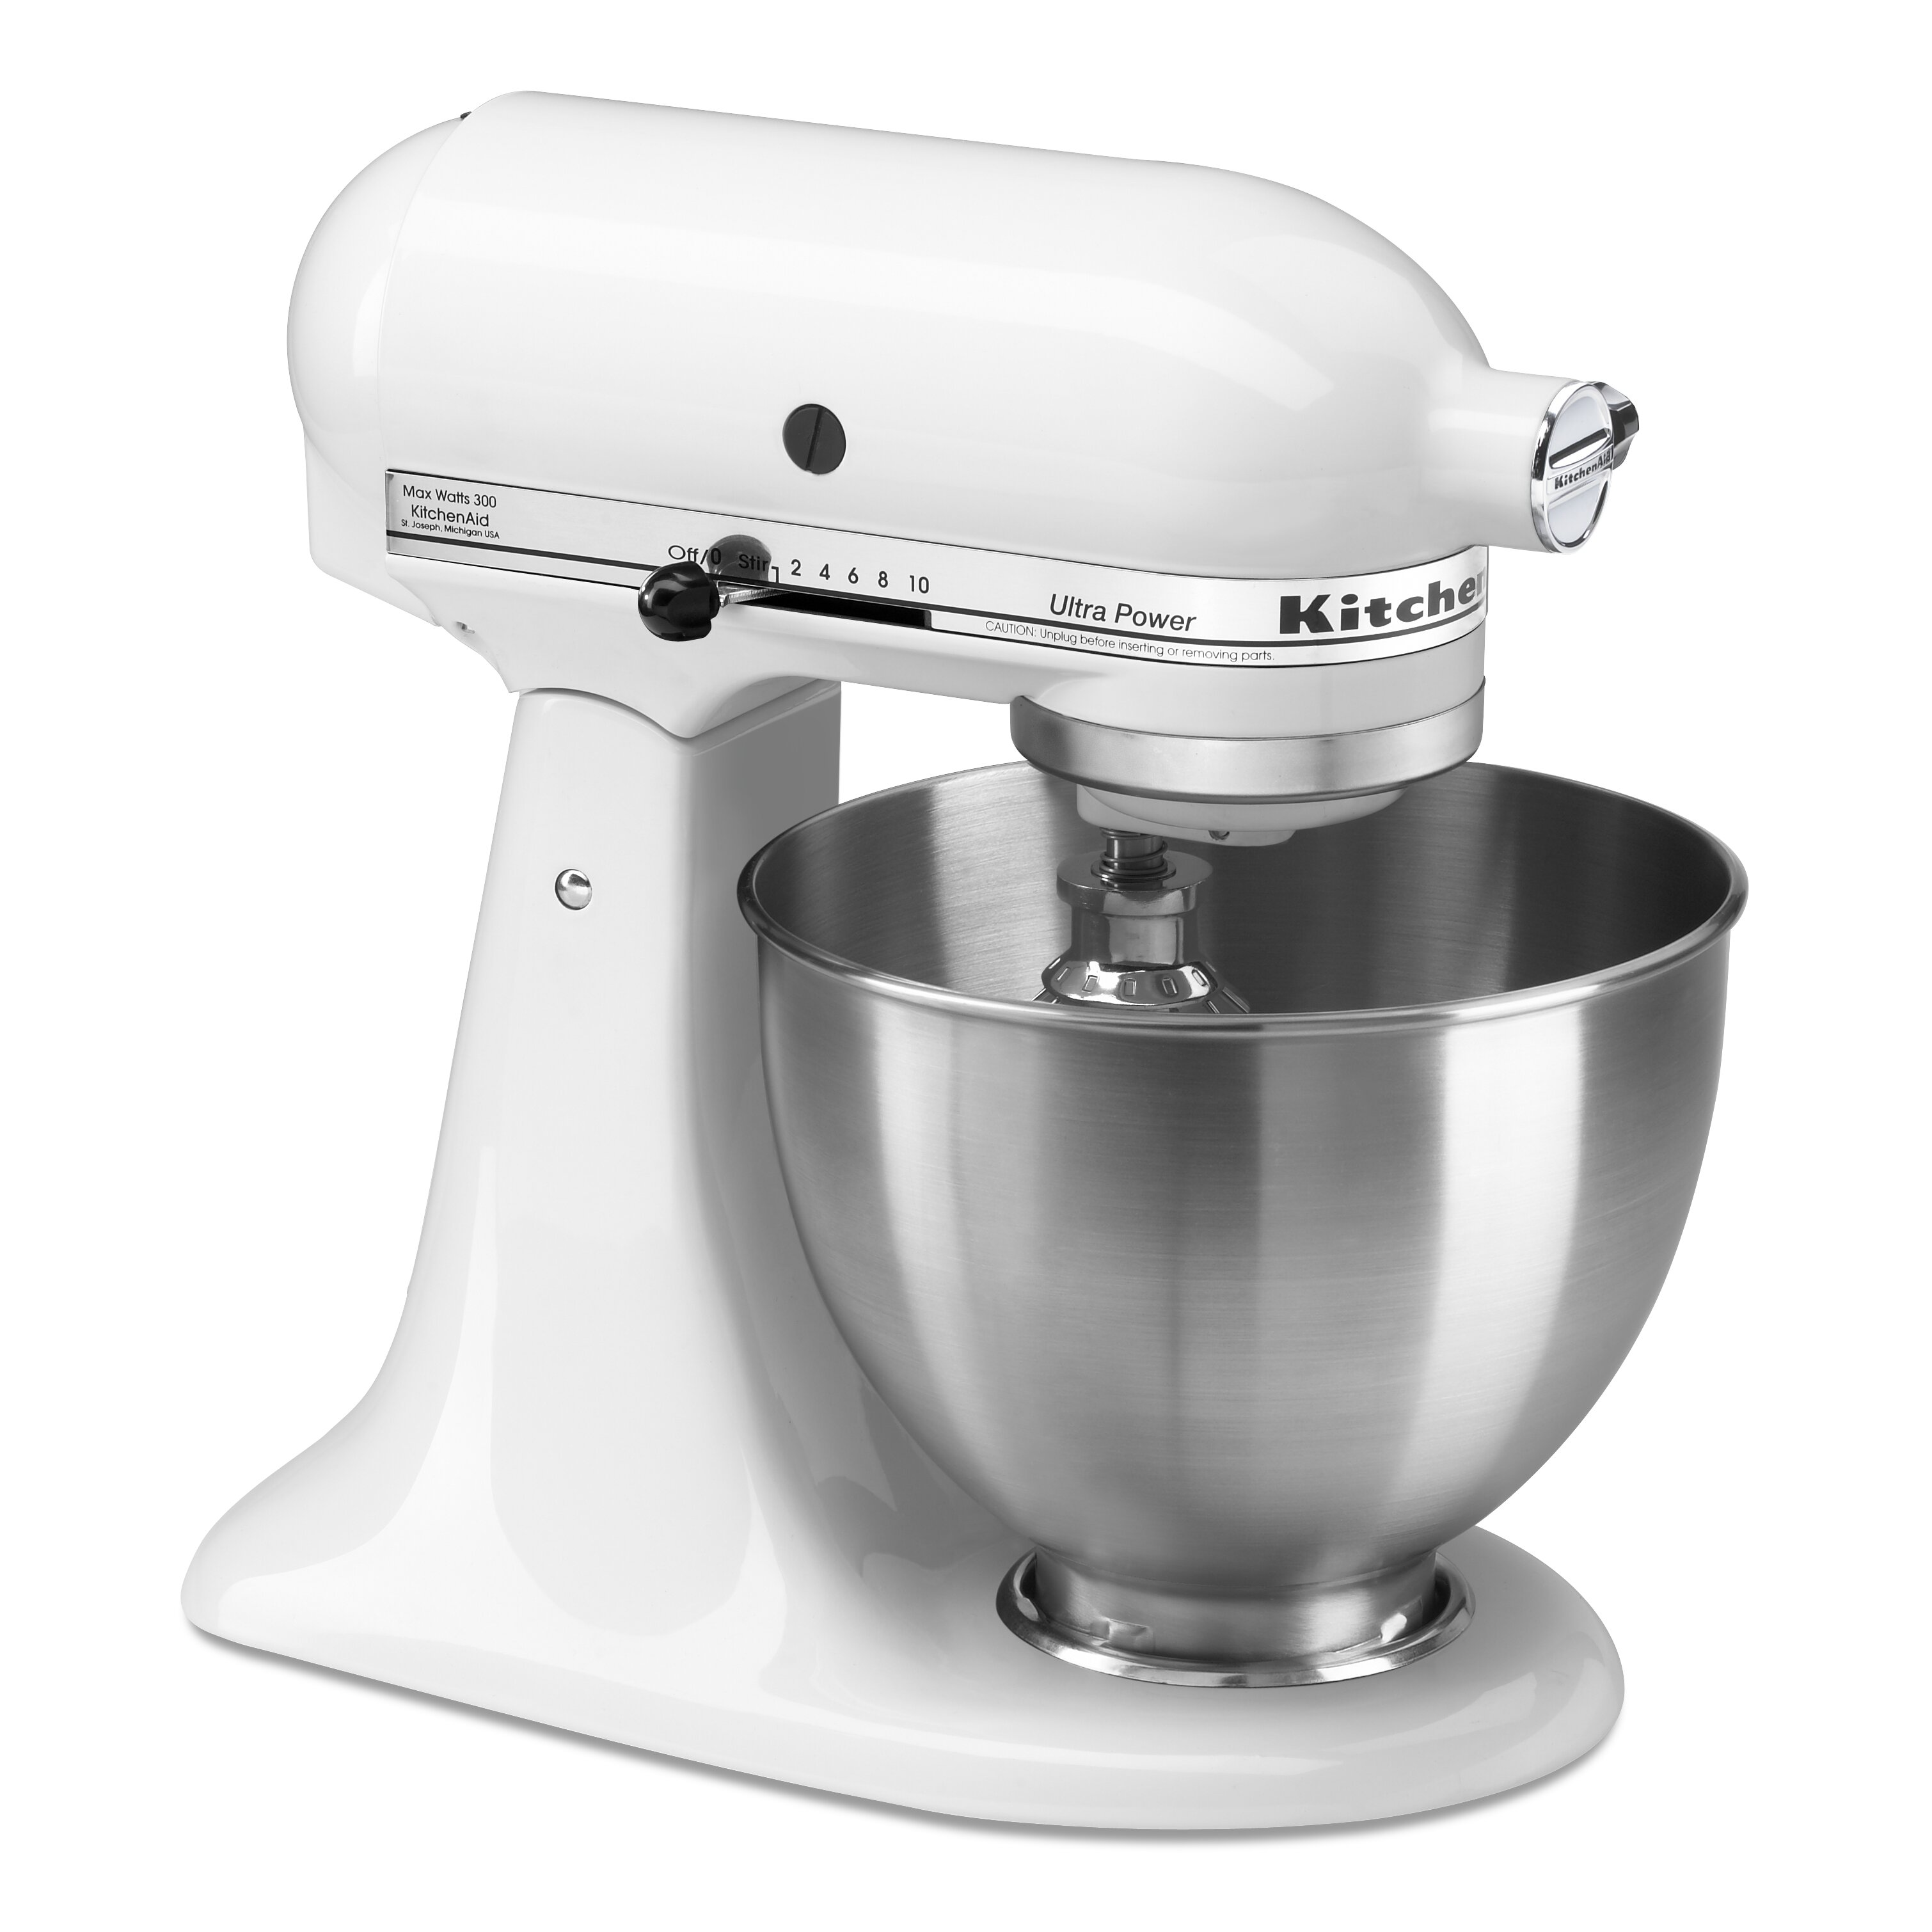 Kitchenaid ultra power series 4 5 qt stand mixer reviews wayfair - Kitchenaid qt mixer review ...